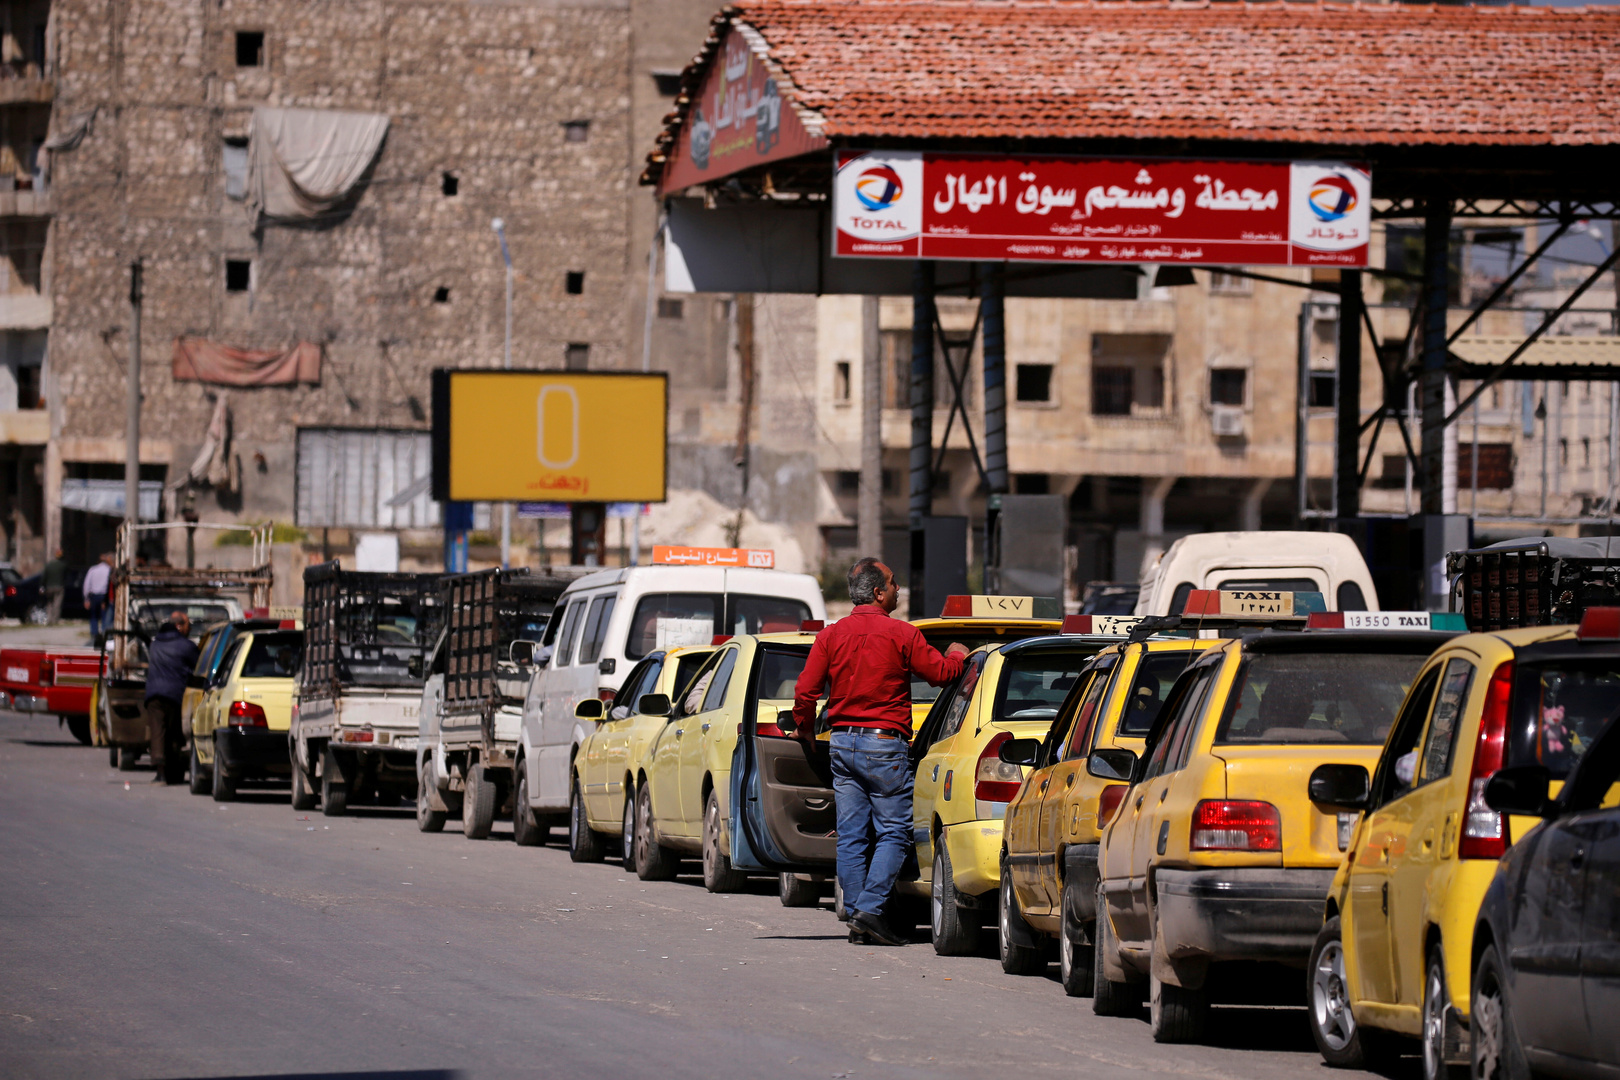 وزارة النفط السورية: بدء ضخ كميات إضافية من البنزين والمشتقات النفطية إلى المحافظات